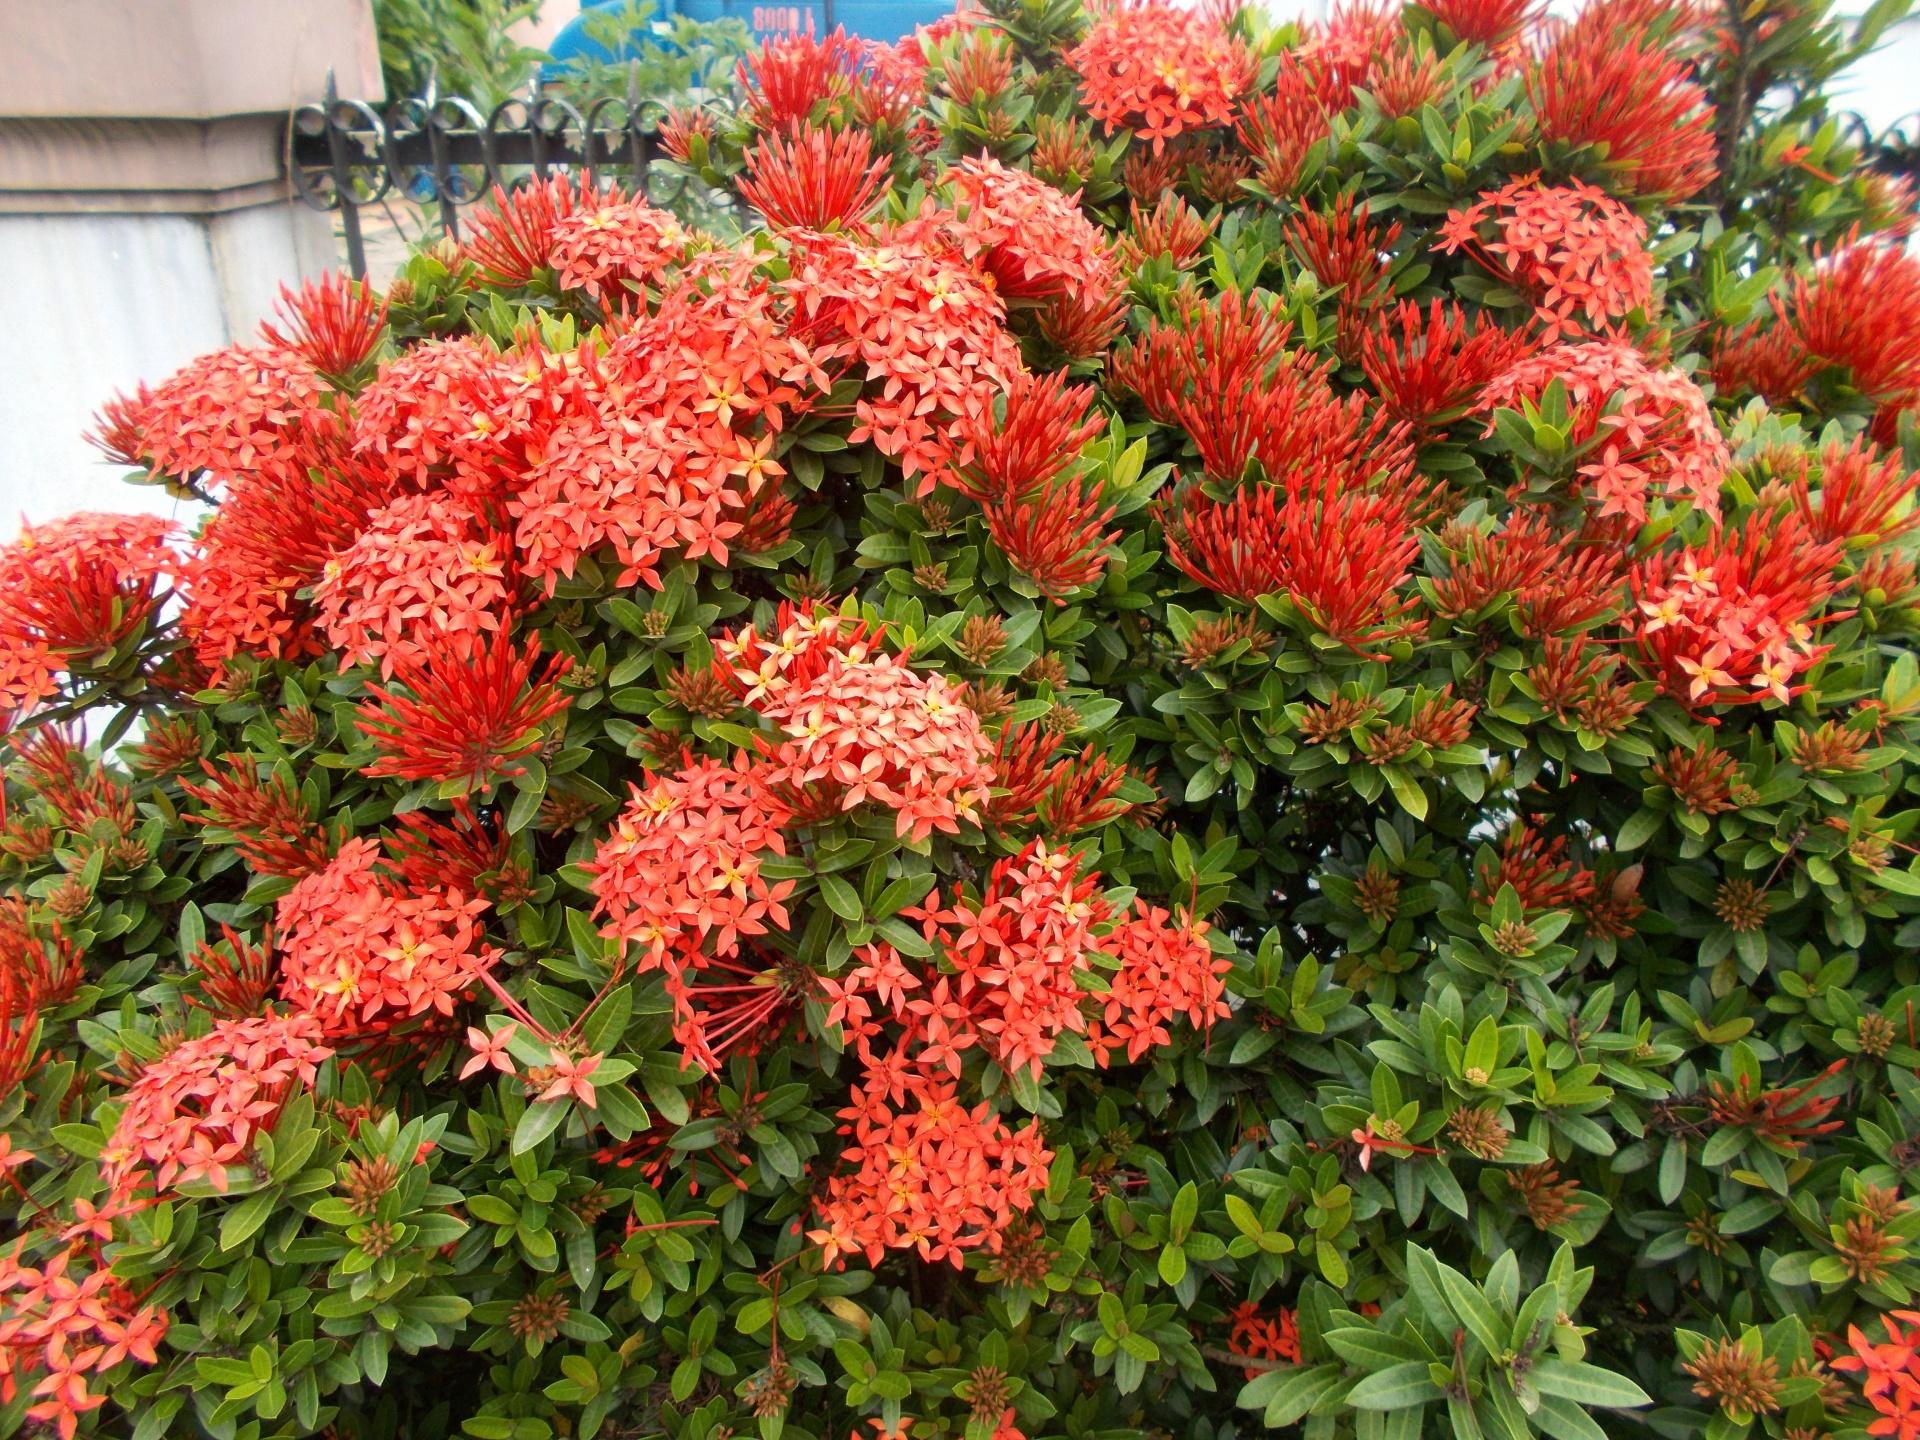 La ixora coccinea es una planta de flores